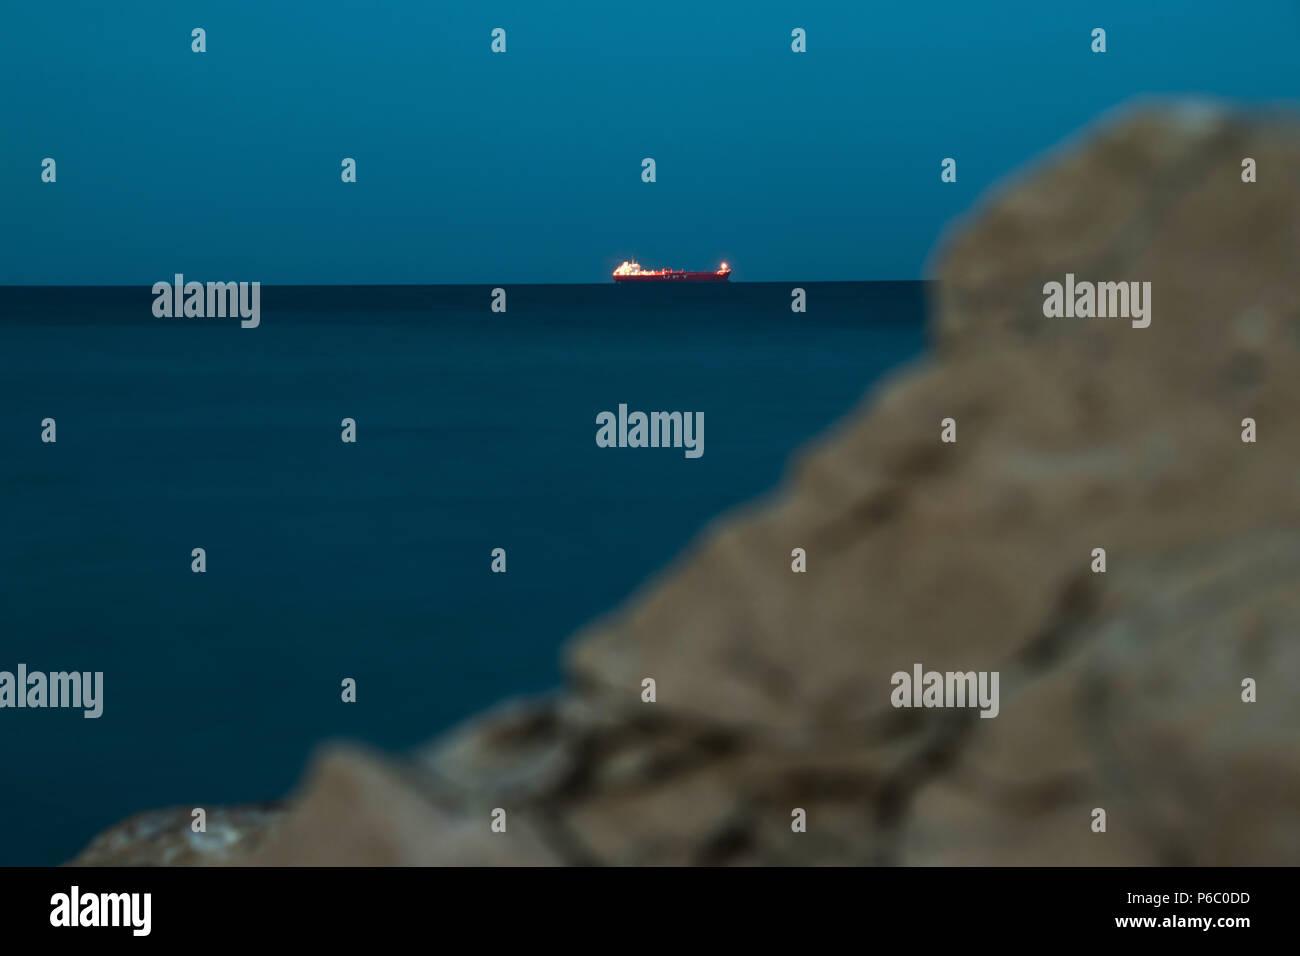 A tanker in the night scene - Stock Image